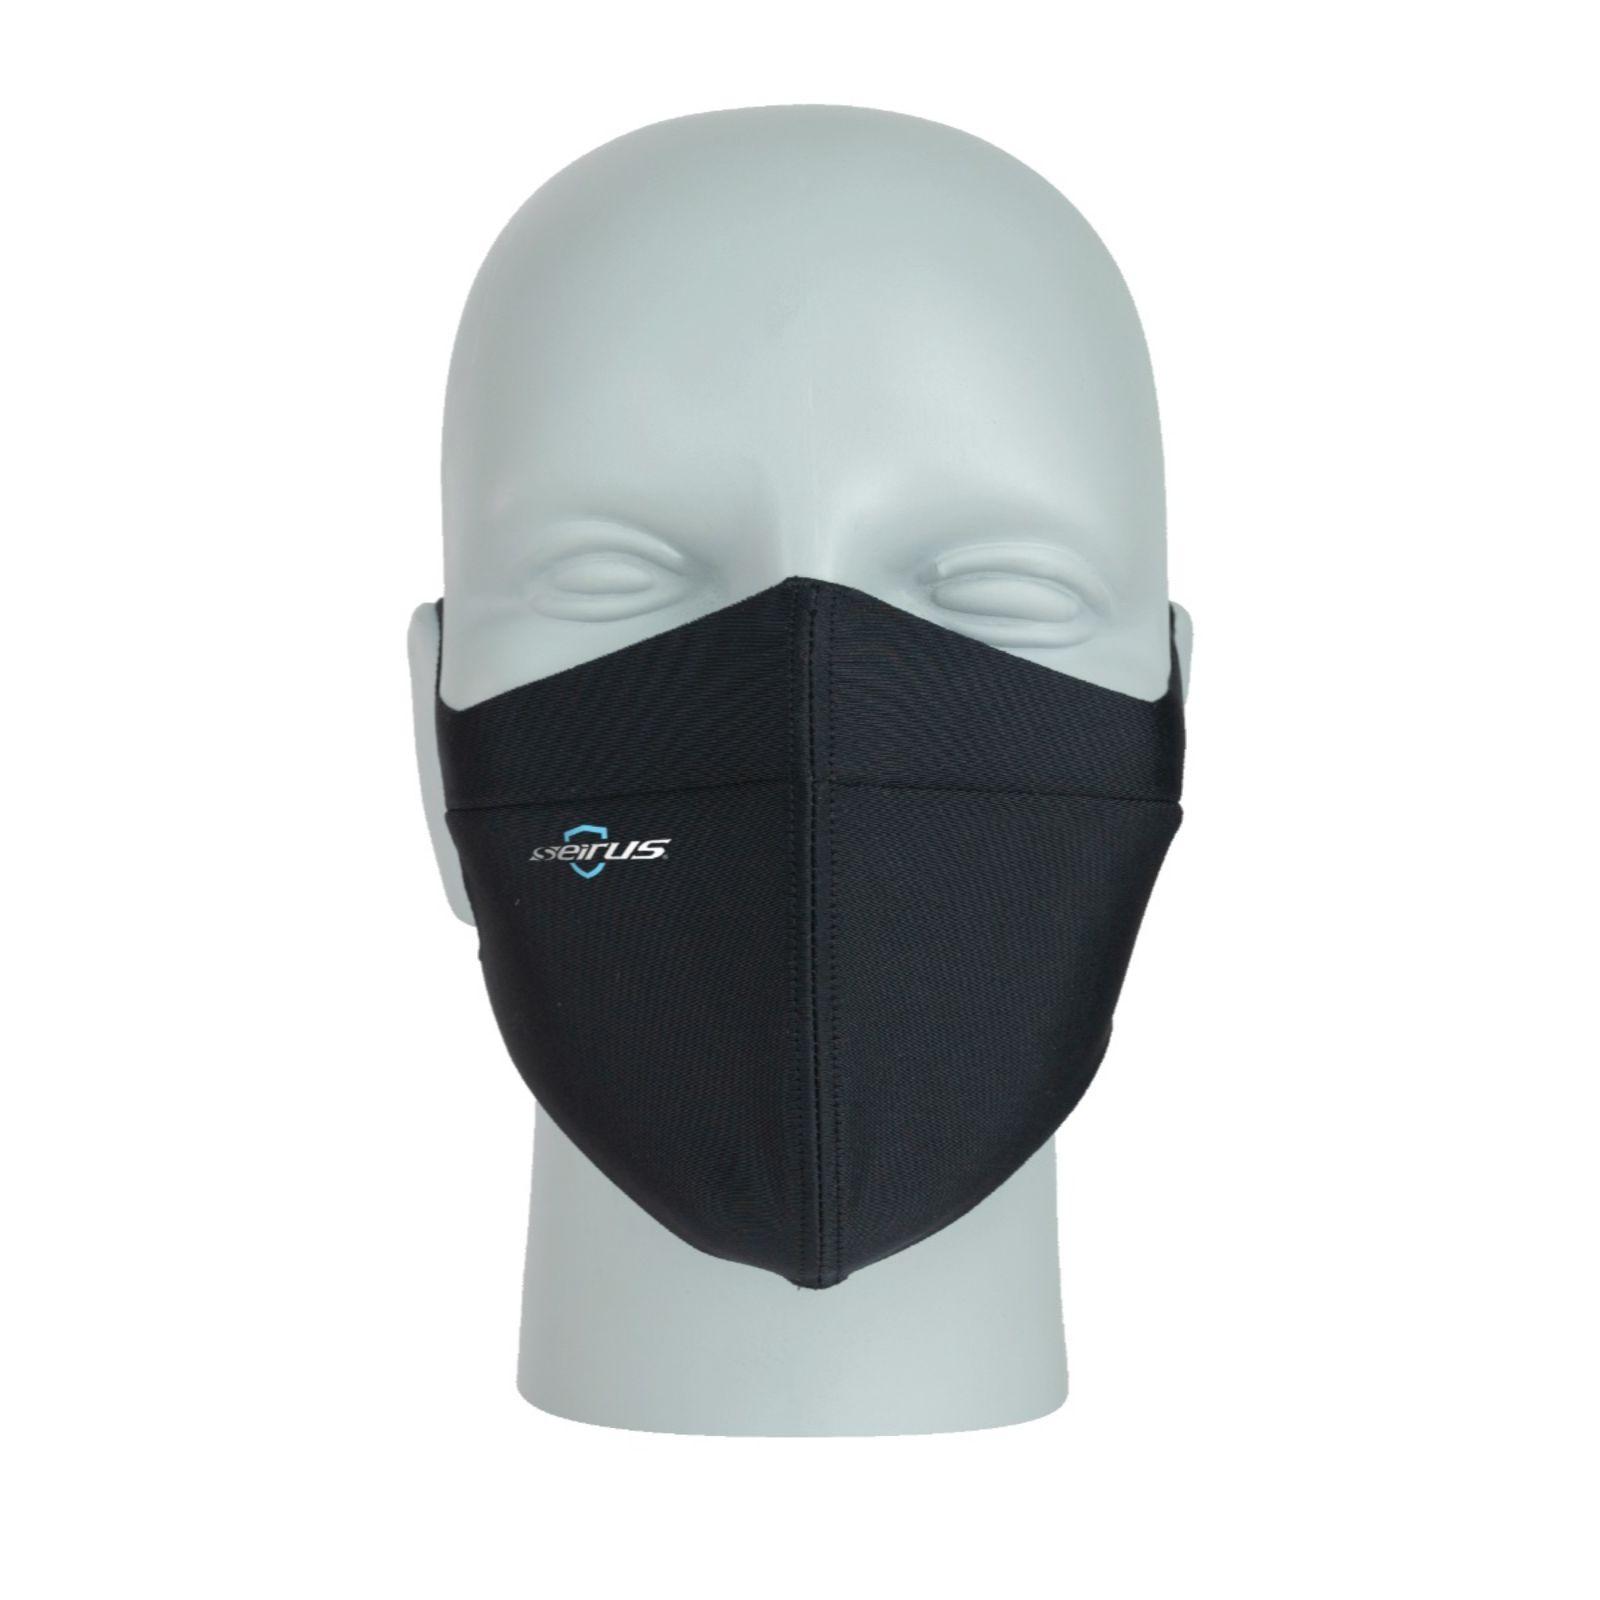 Seirus Evo Arc Masque Black Sm